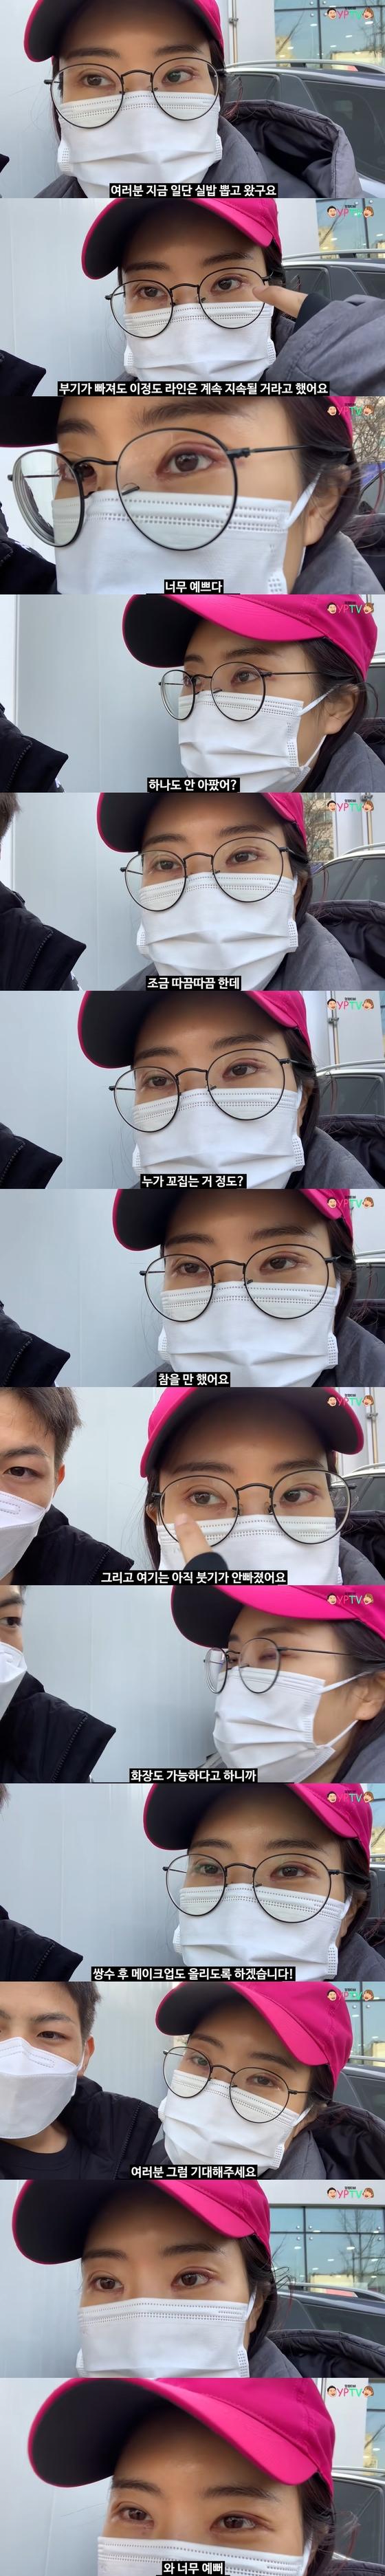 """이세영, 쌍꺼풀 수술 후 실밥 제거 … 외모가 극적으로 변했다 """"너무 예뻐"""""""